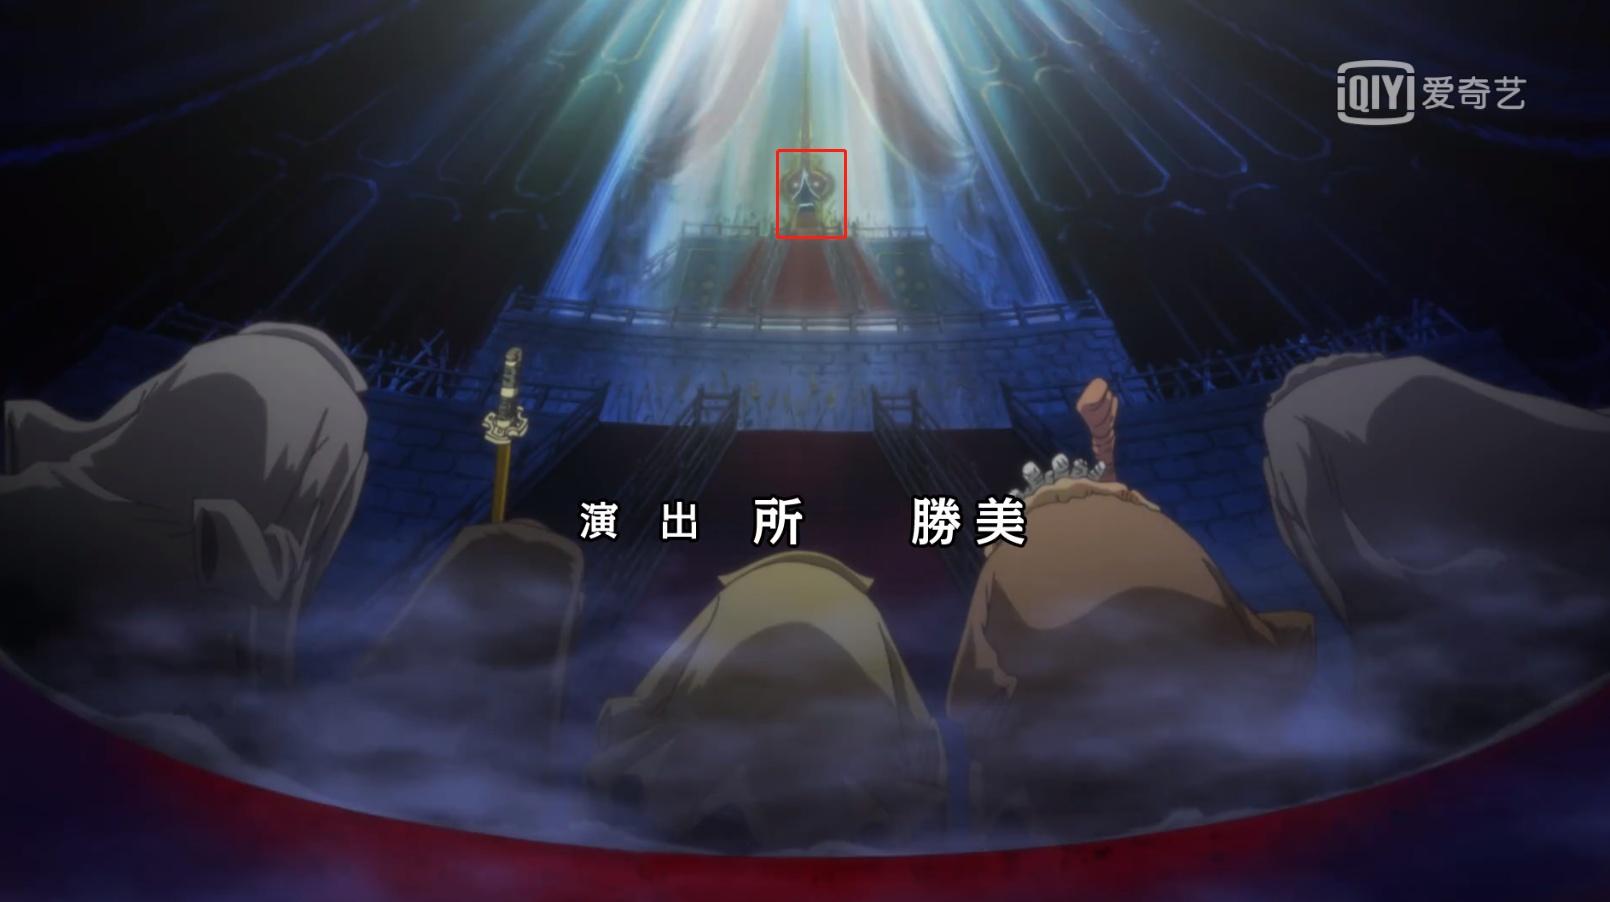 海賊王動畫889集:五老星在給誰下跪?此人活了幾百年是最大BOSS